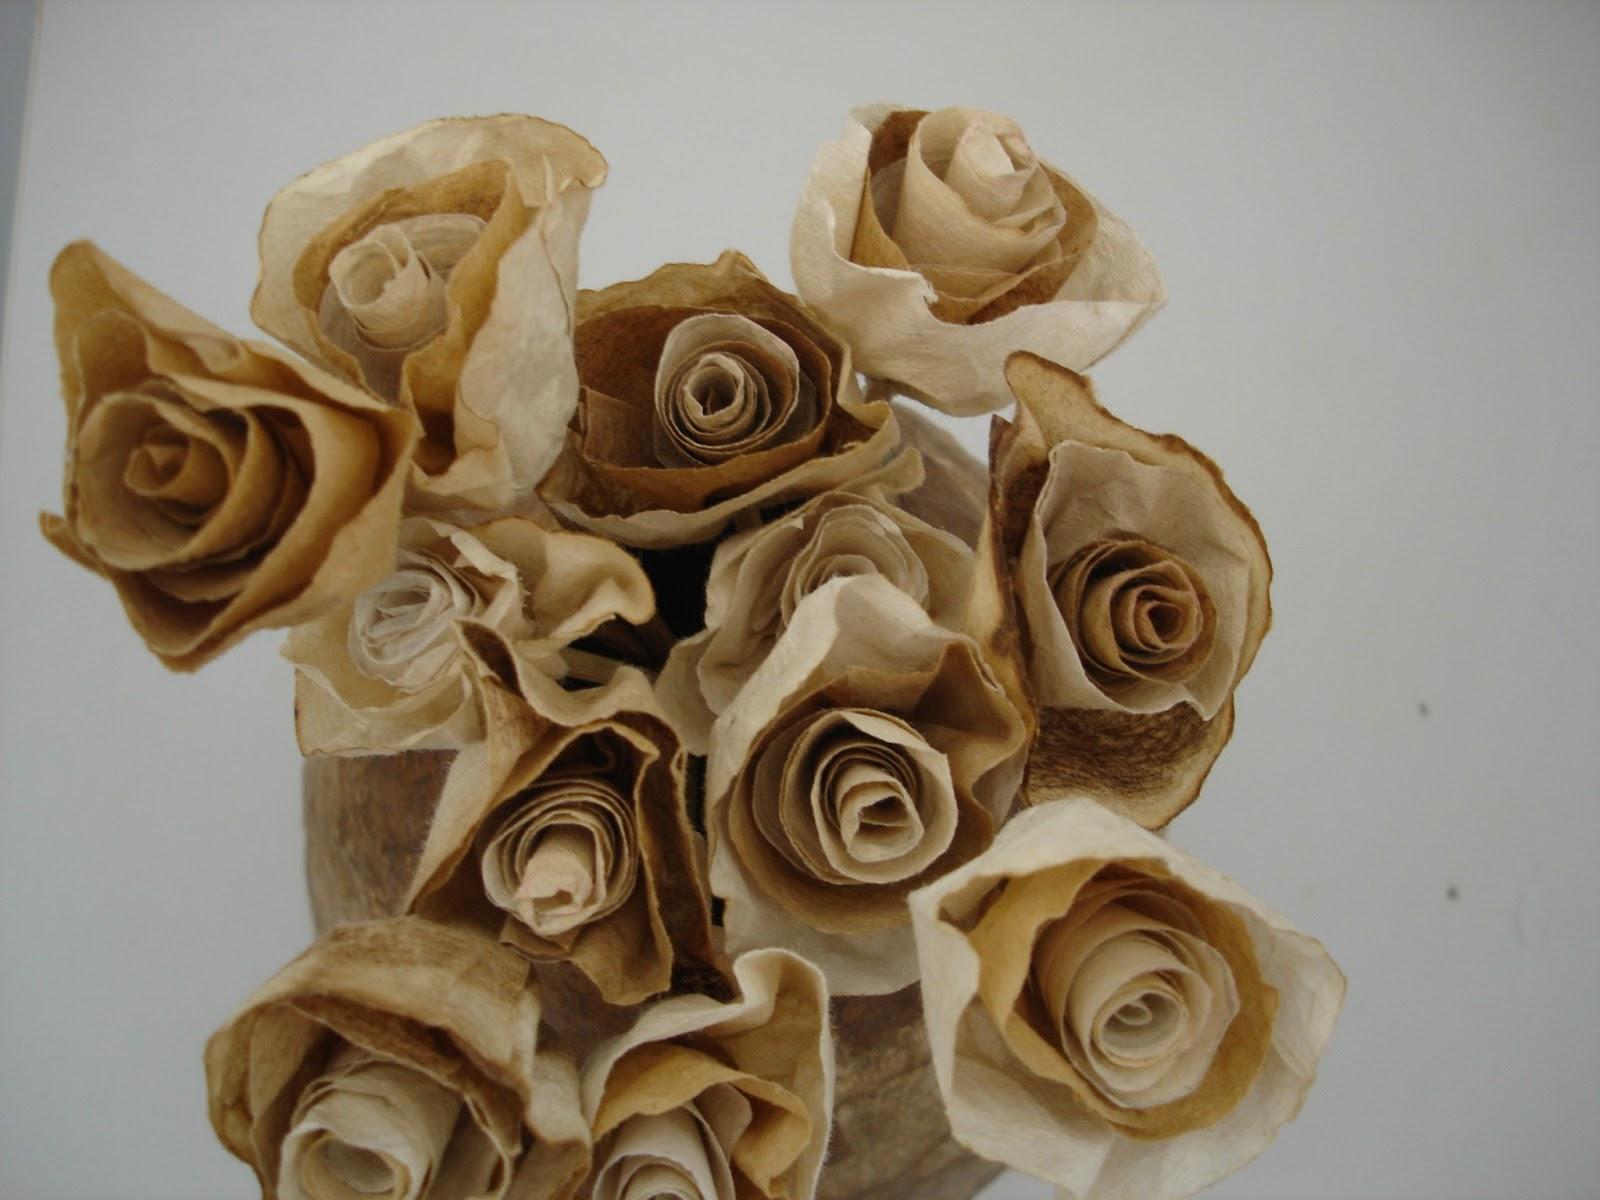 Artesanato Reciclavel ~ ReSignificArt Artesanato Reciclável Flores (Flores